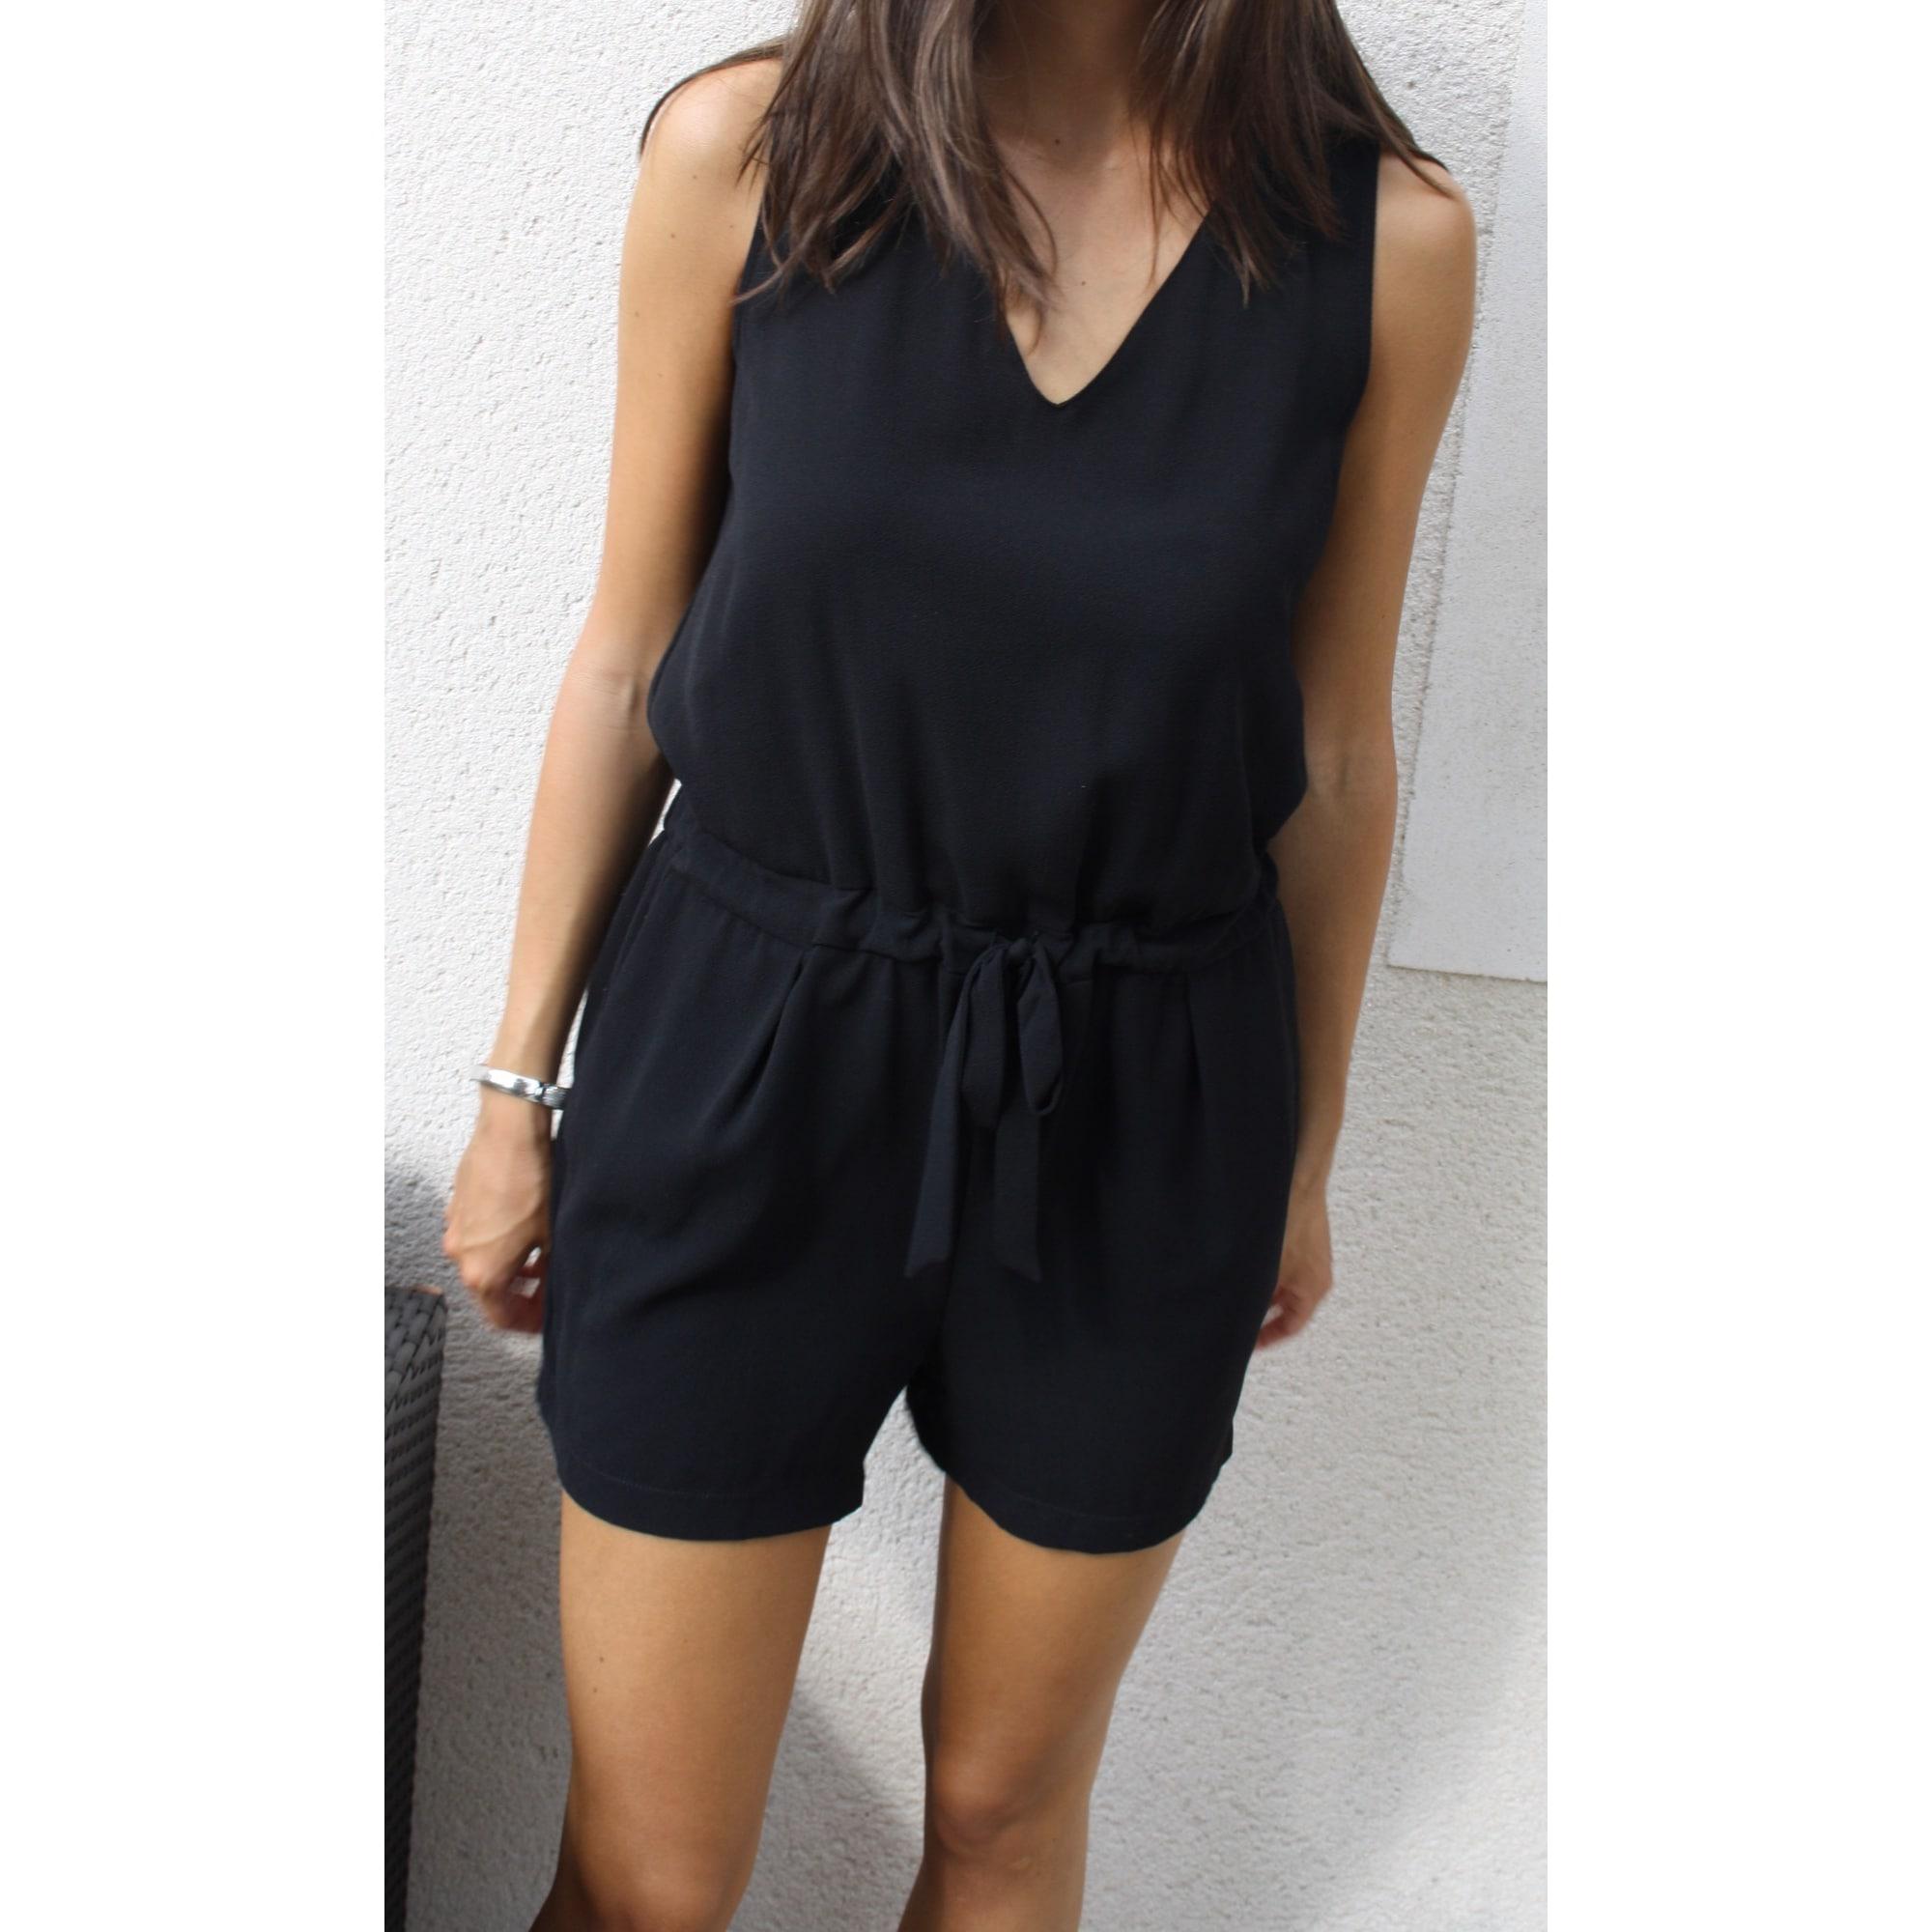 Femme Combinaison Short Jeans Combinaison Zara R4jA35L